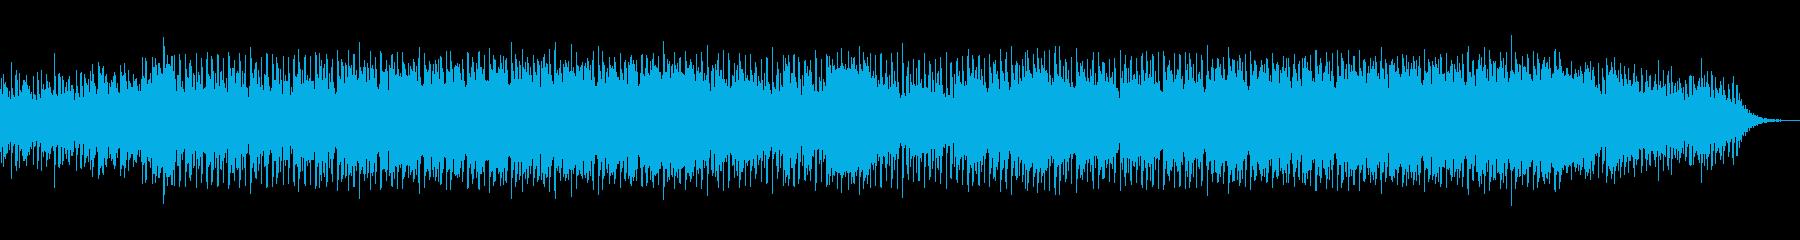 綺麗な響きでスタイリッシュなメロディーの再生済みの波形